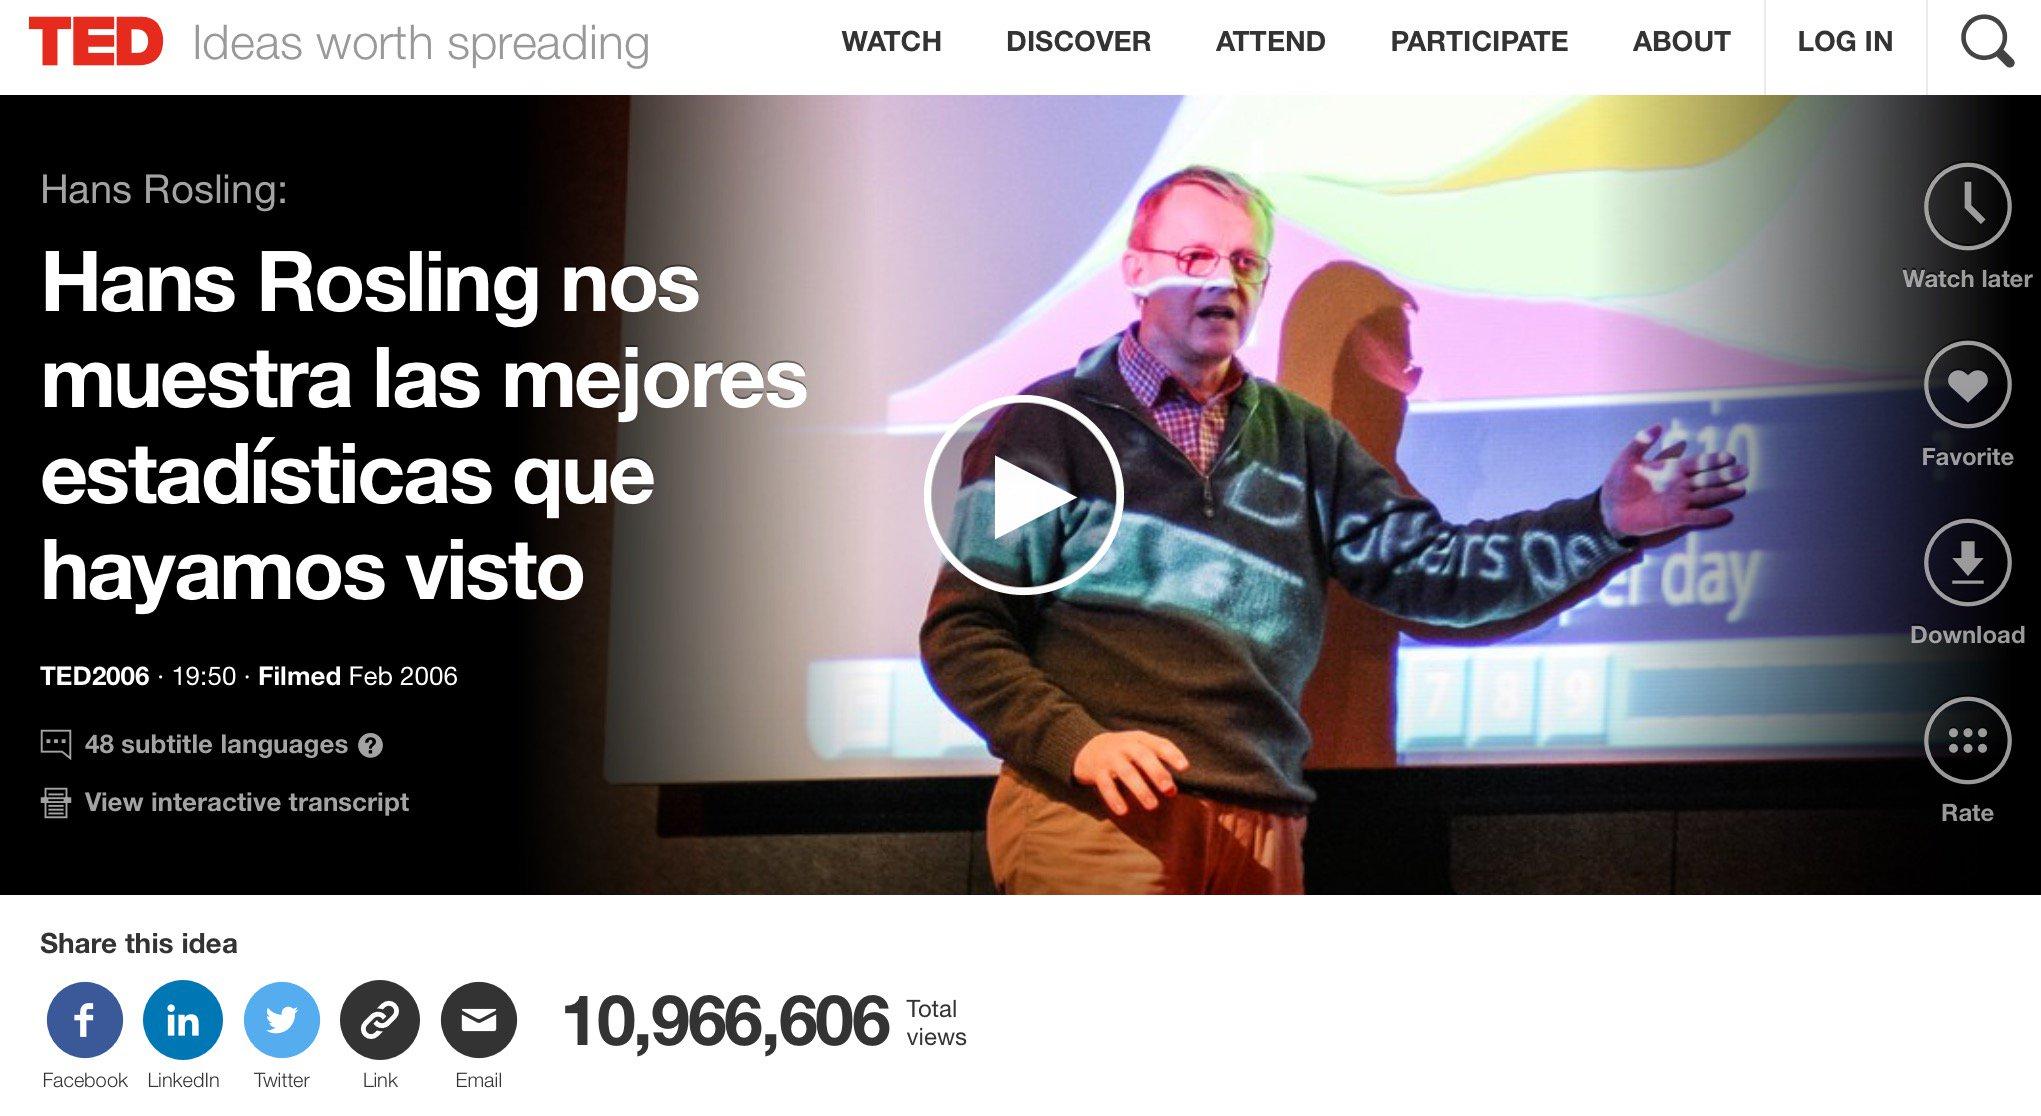 Thumbnail for SocialBiblioChat Visualización e infografía 09/11/2016